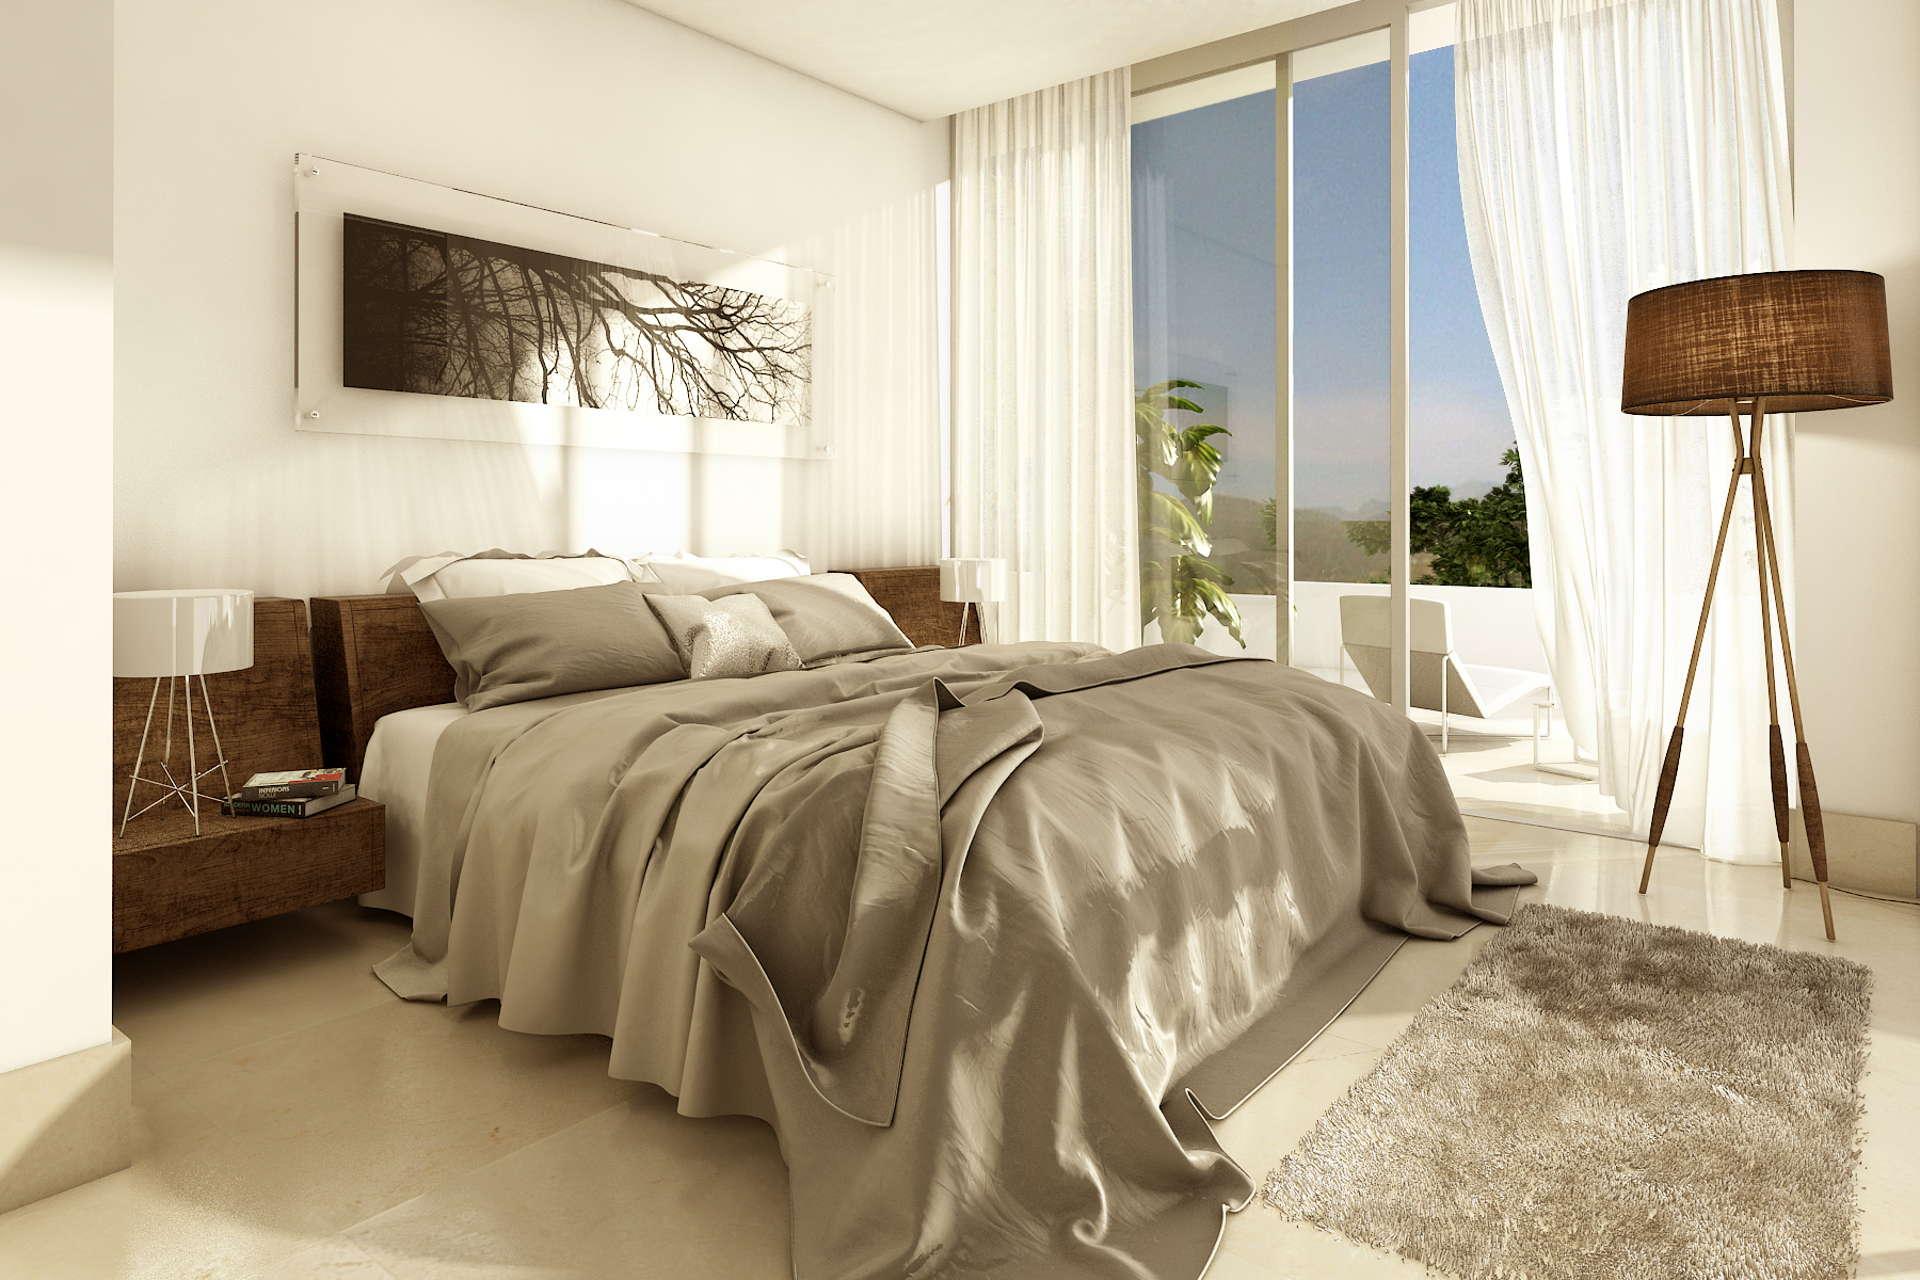 Marbella Bedroom Furniture Modern Contemporary 4 Bedroom Villa In La Finca De Marbella Rio